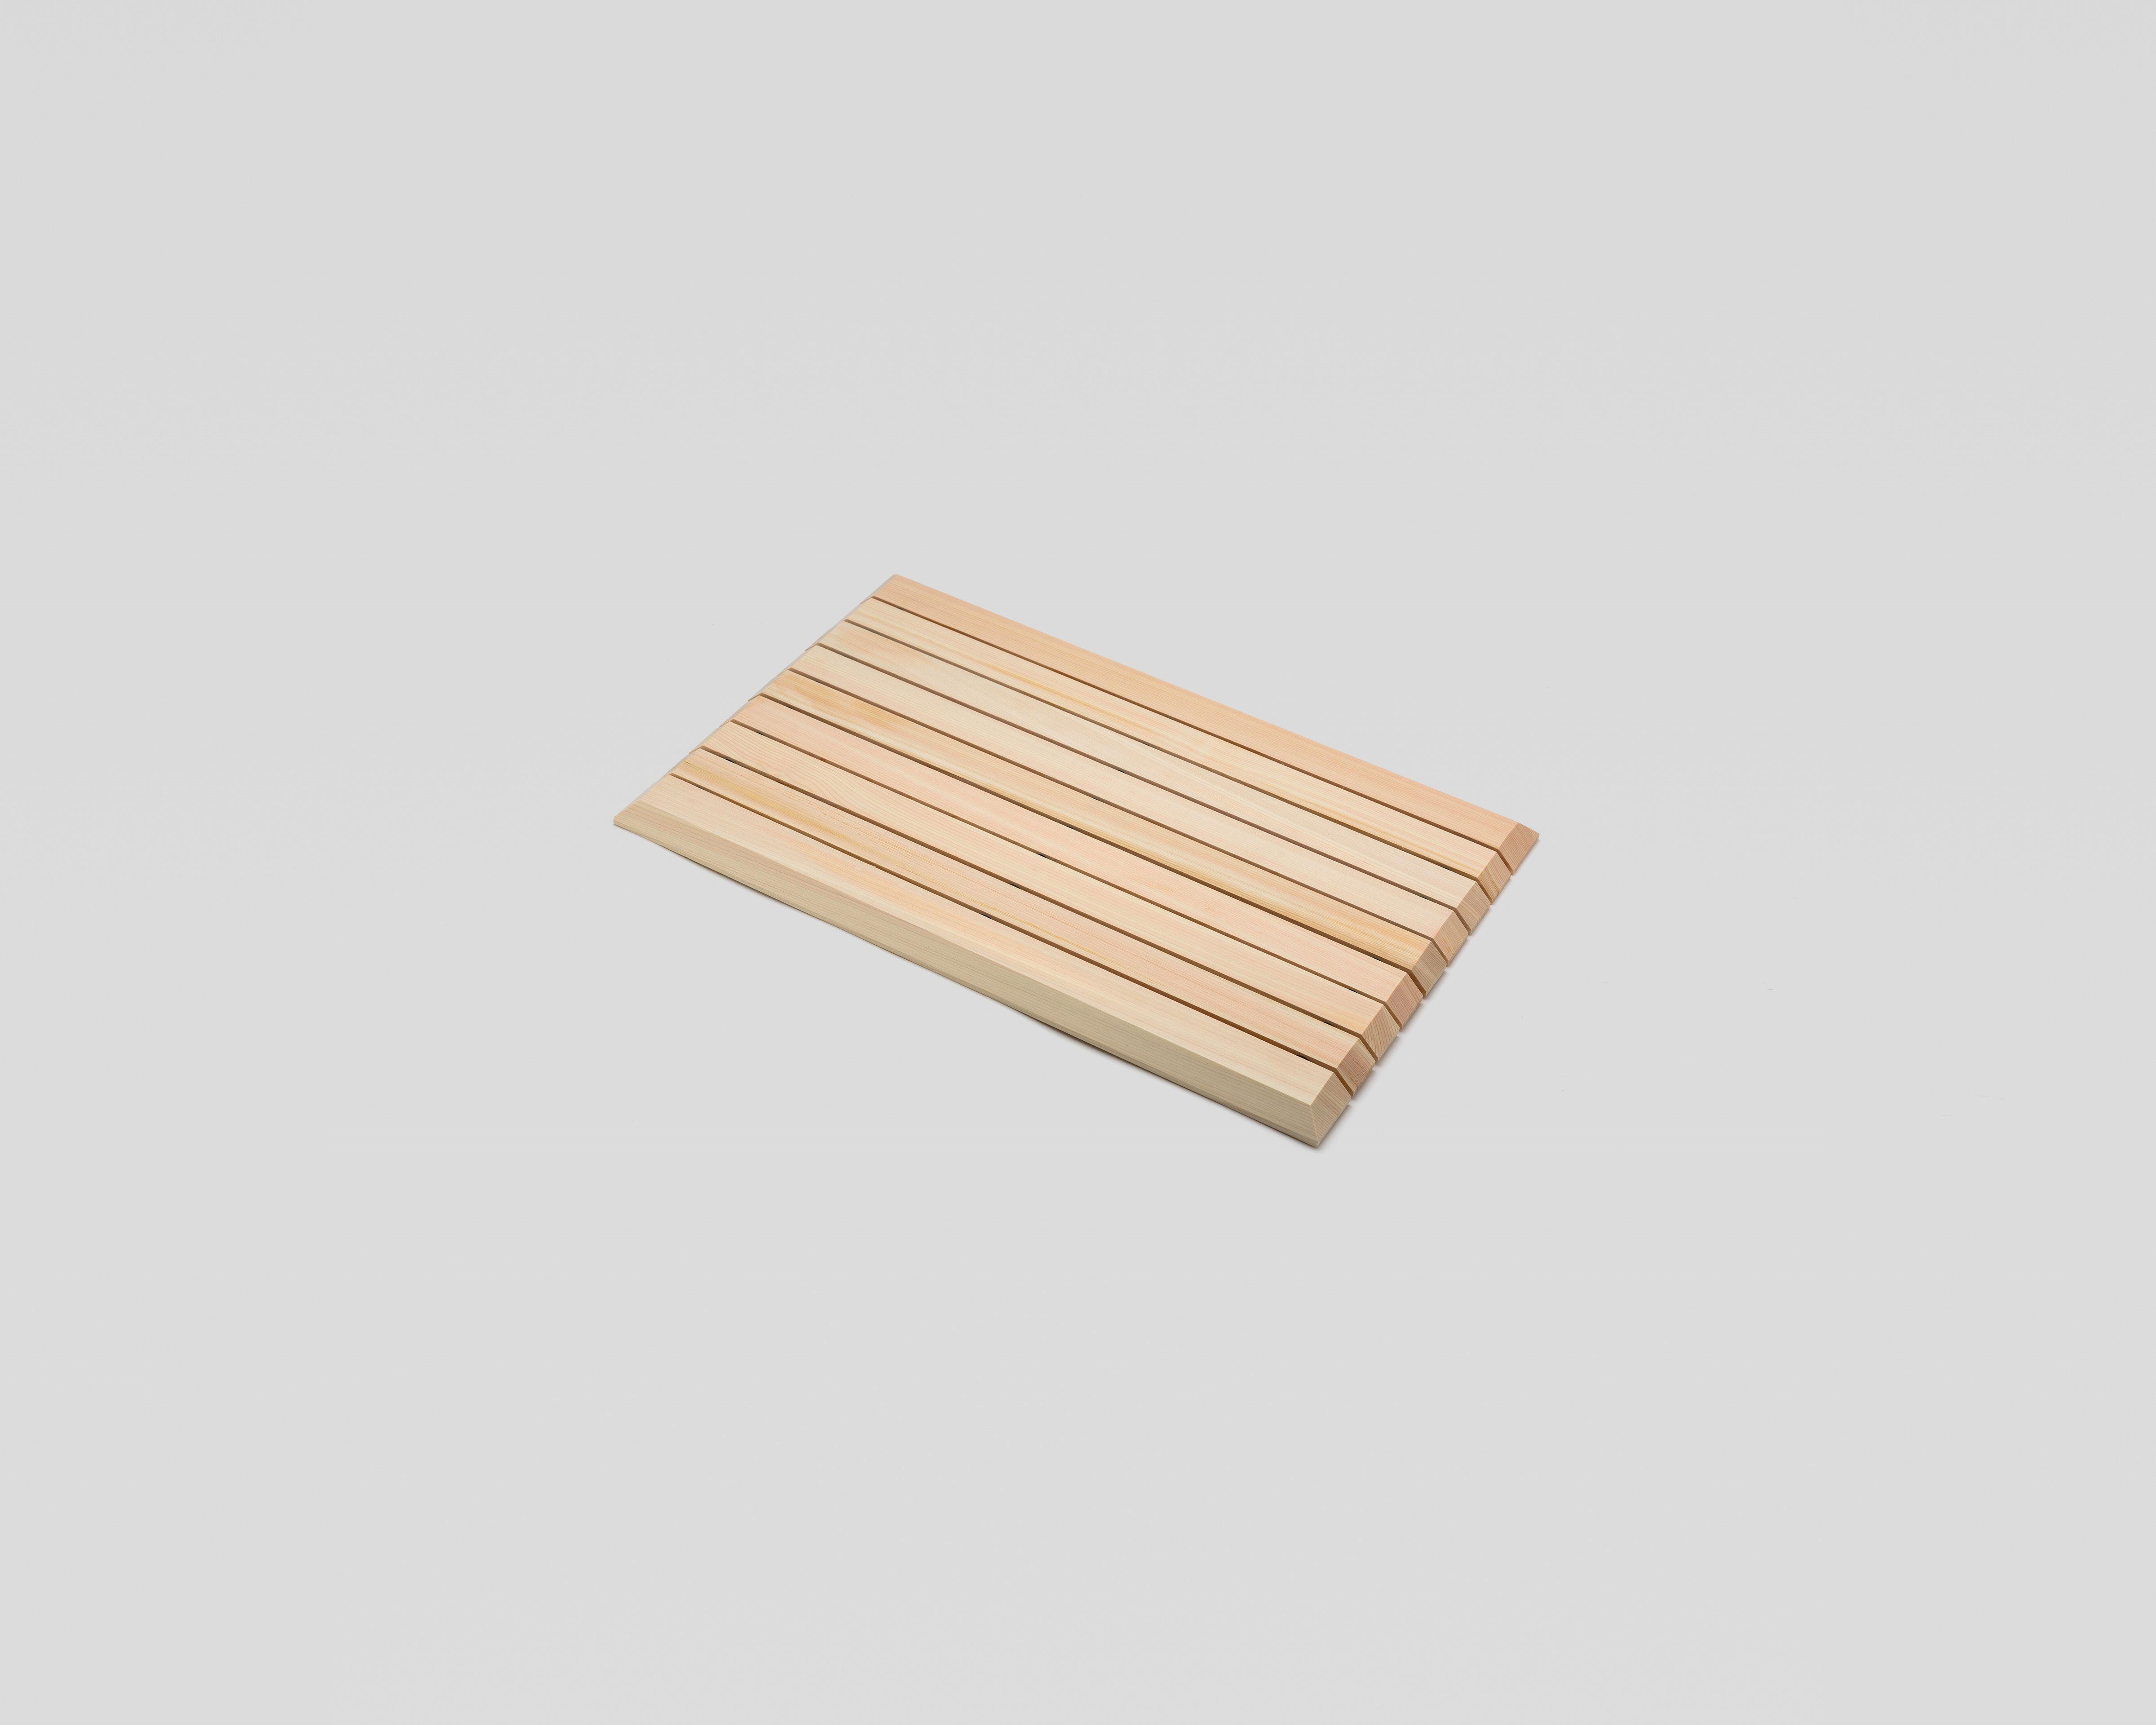 木曽の檜でつくったバスマット04